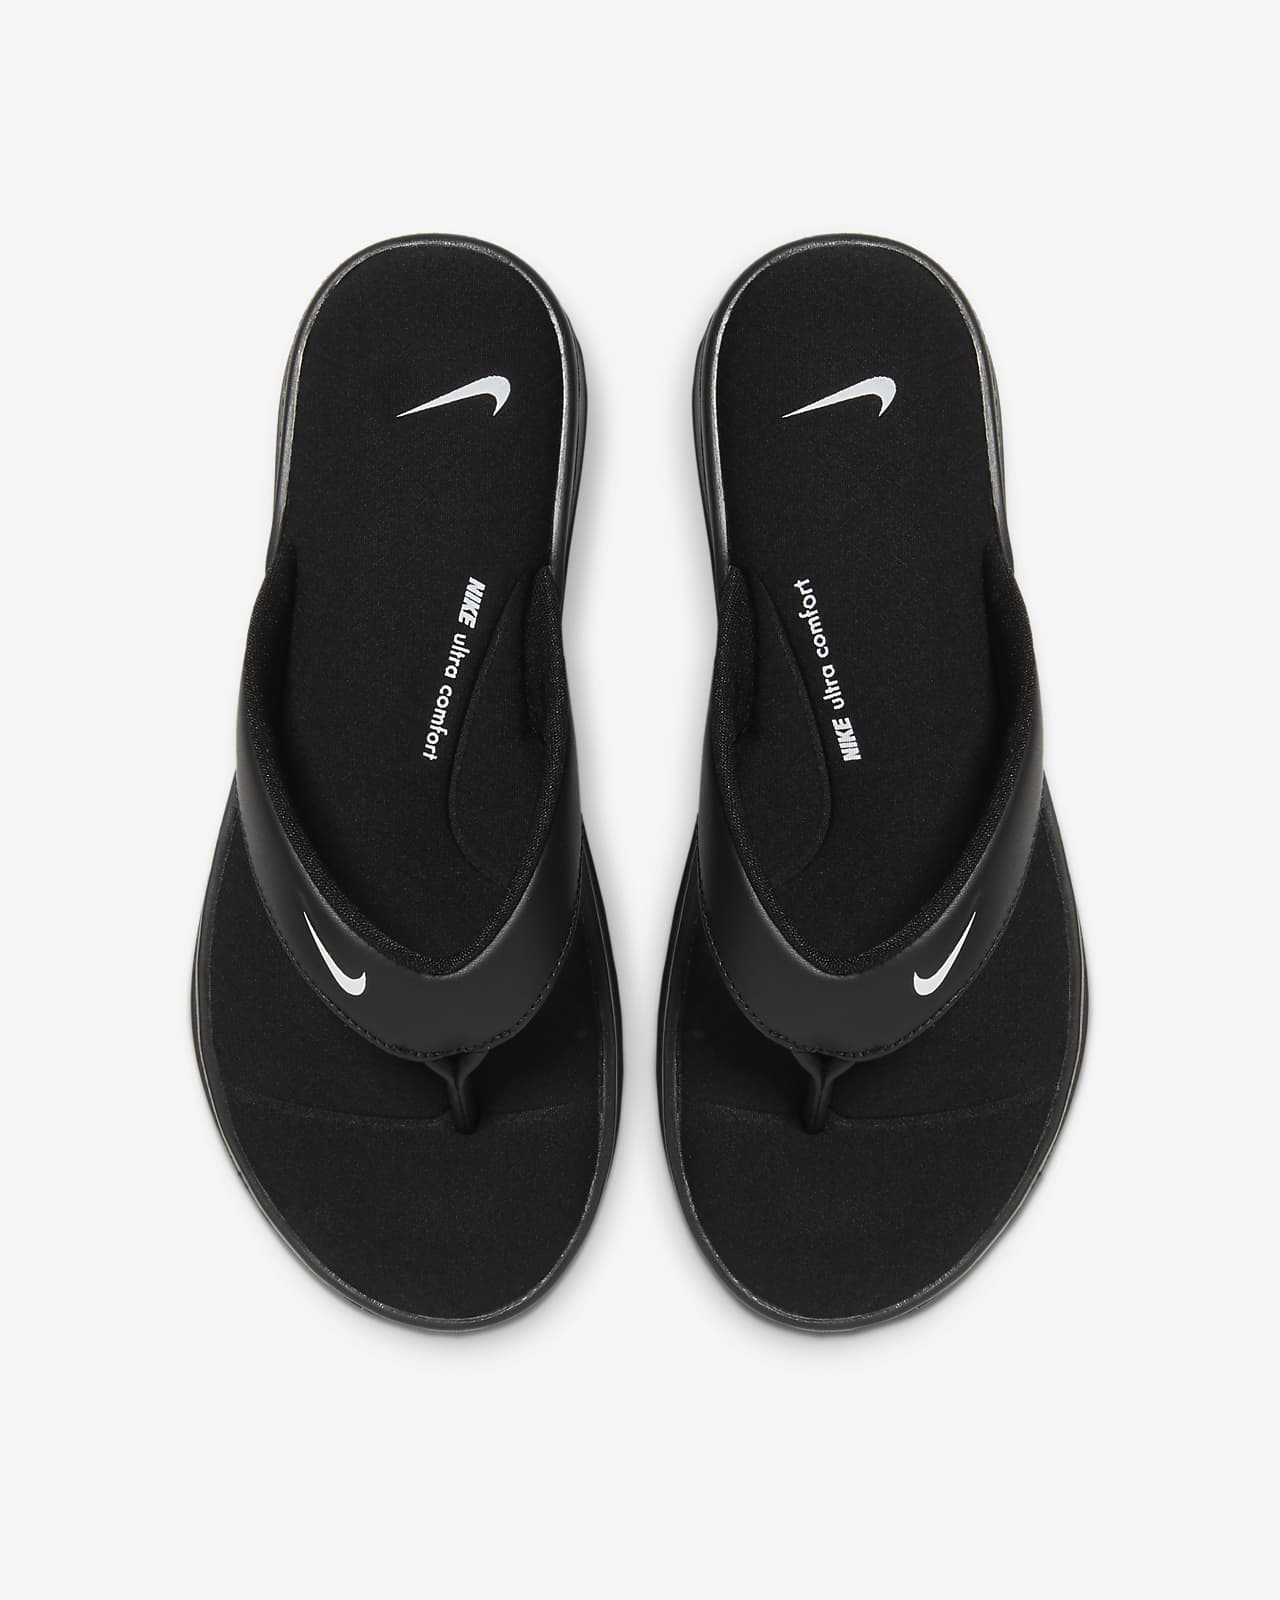 Nike Ultra Comfort 3 Women's Thong